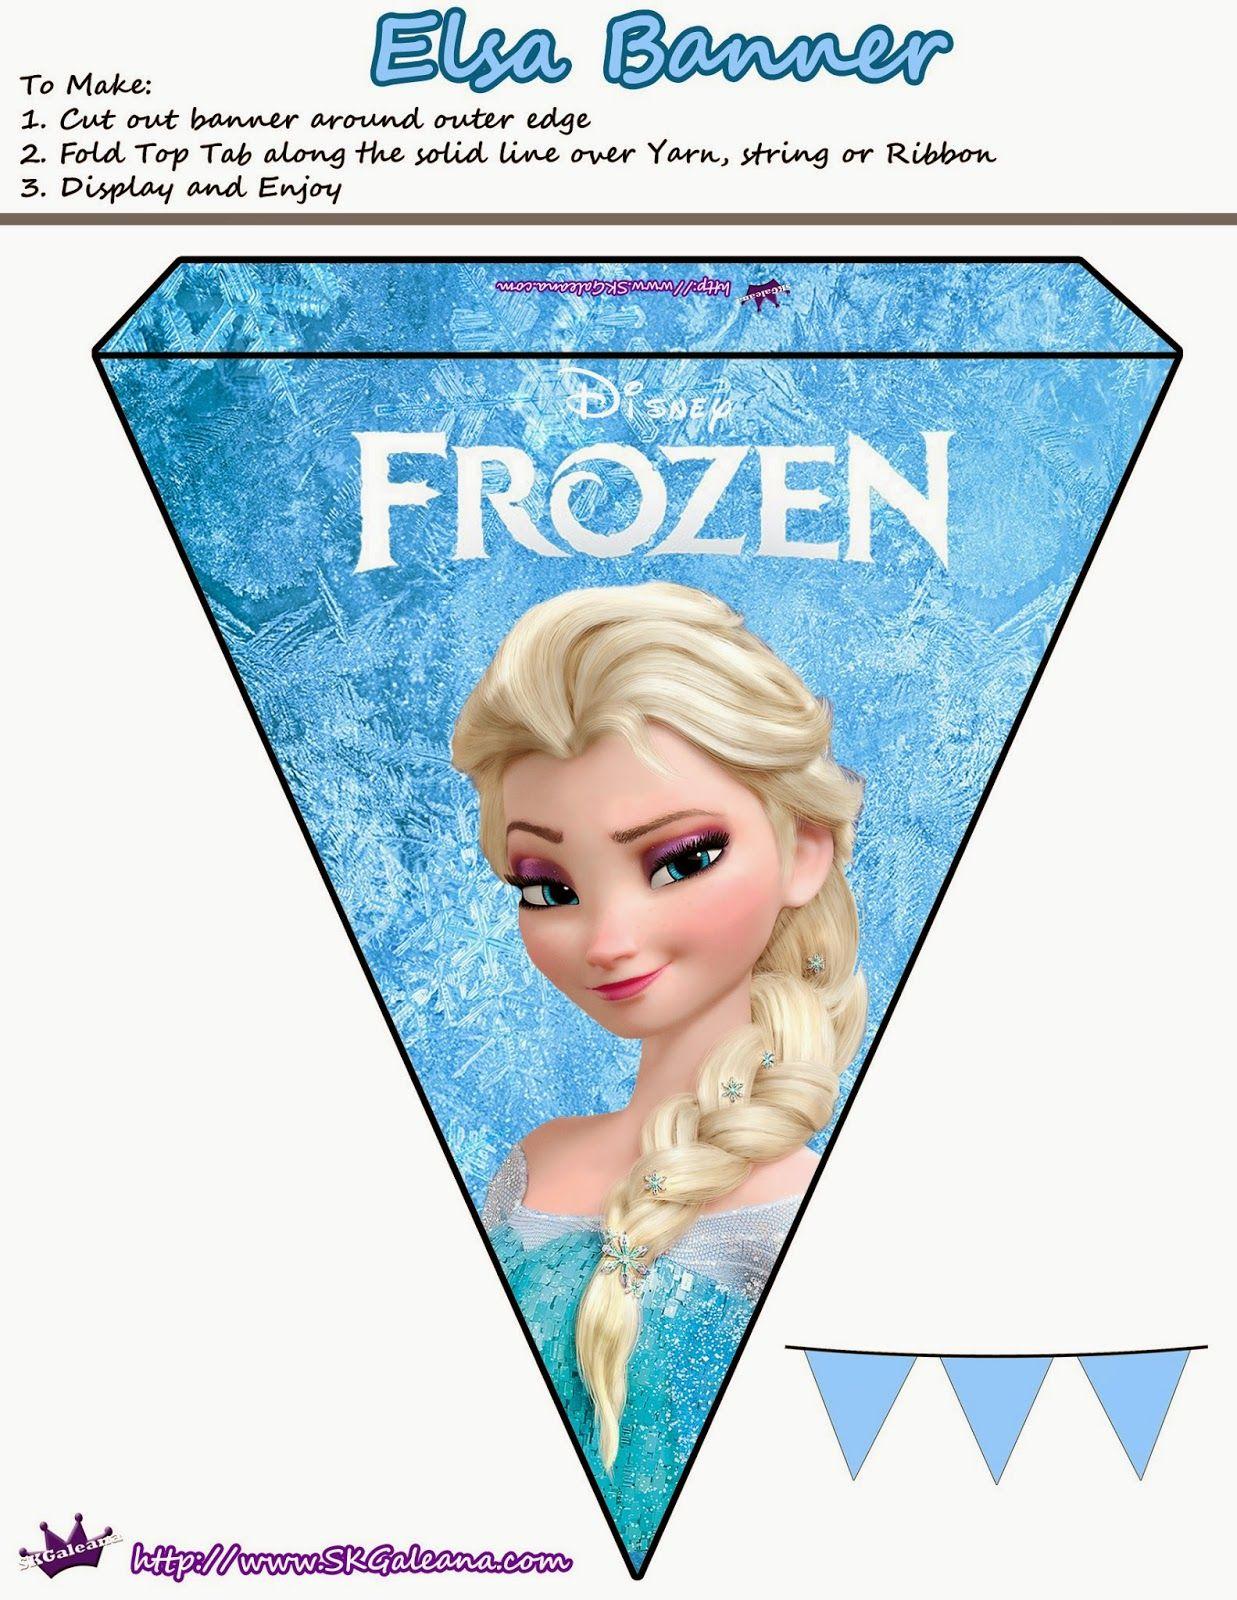 Frozen Party Printables Frozen Theme Party Frozen Party